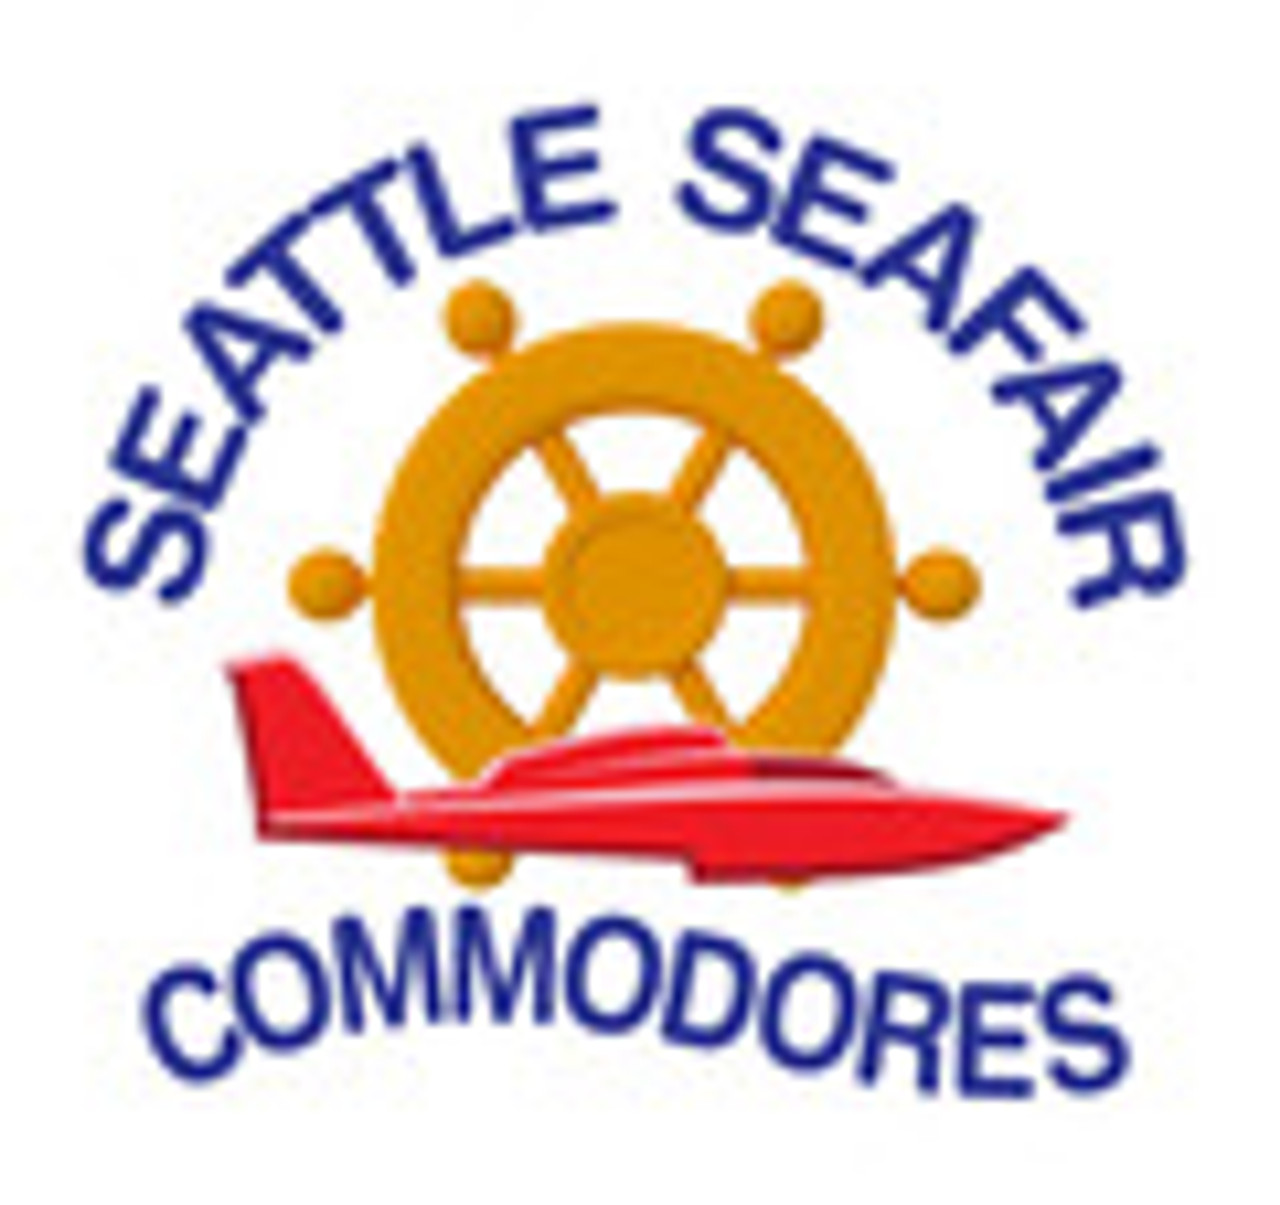 Seafair Commodores